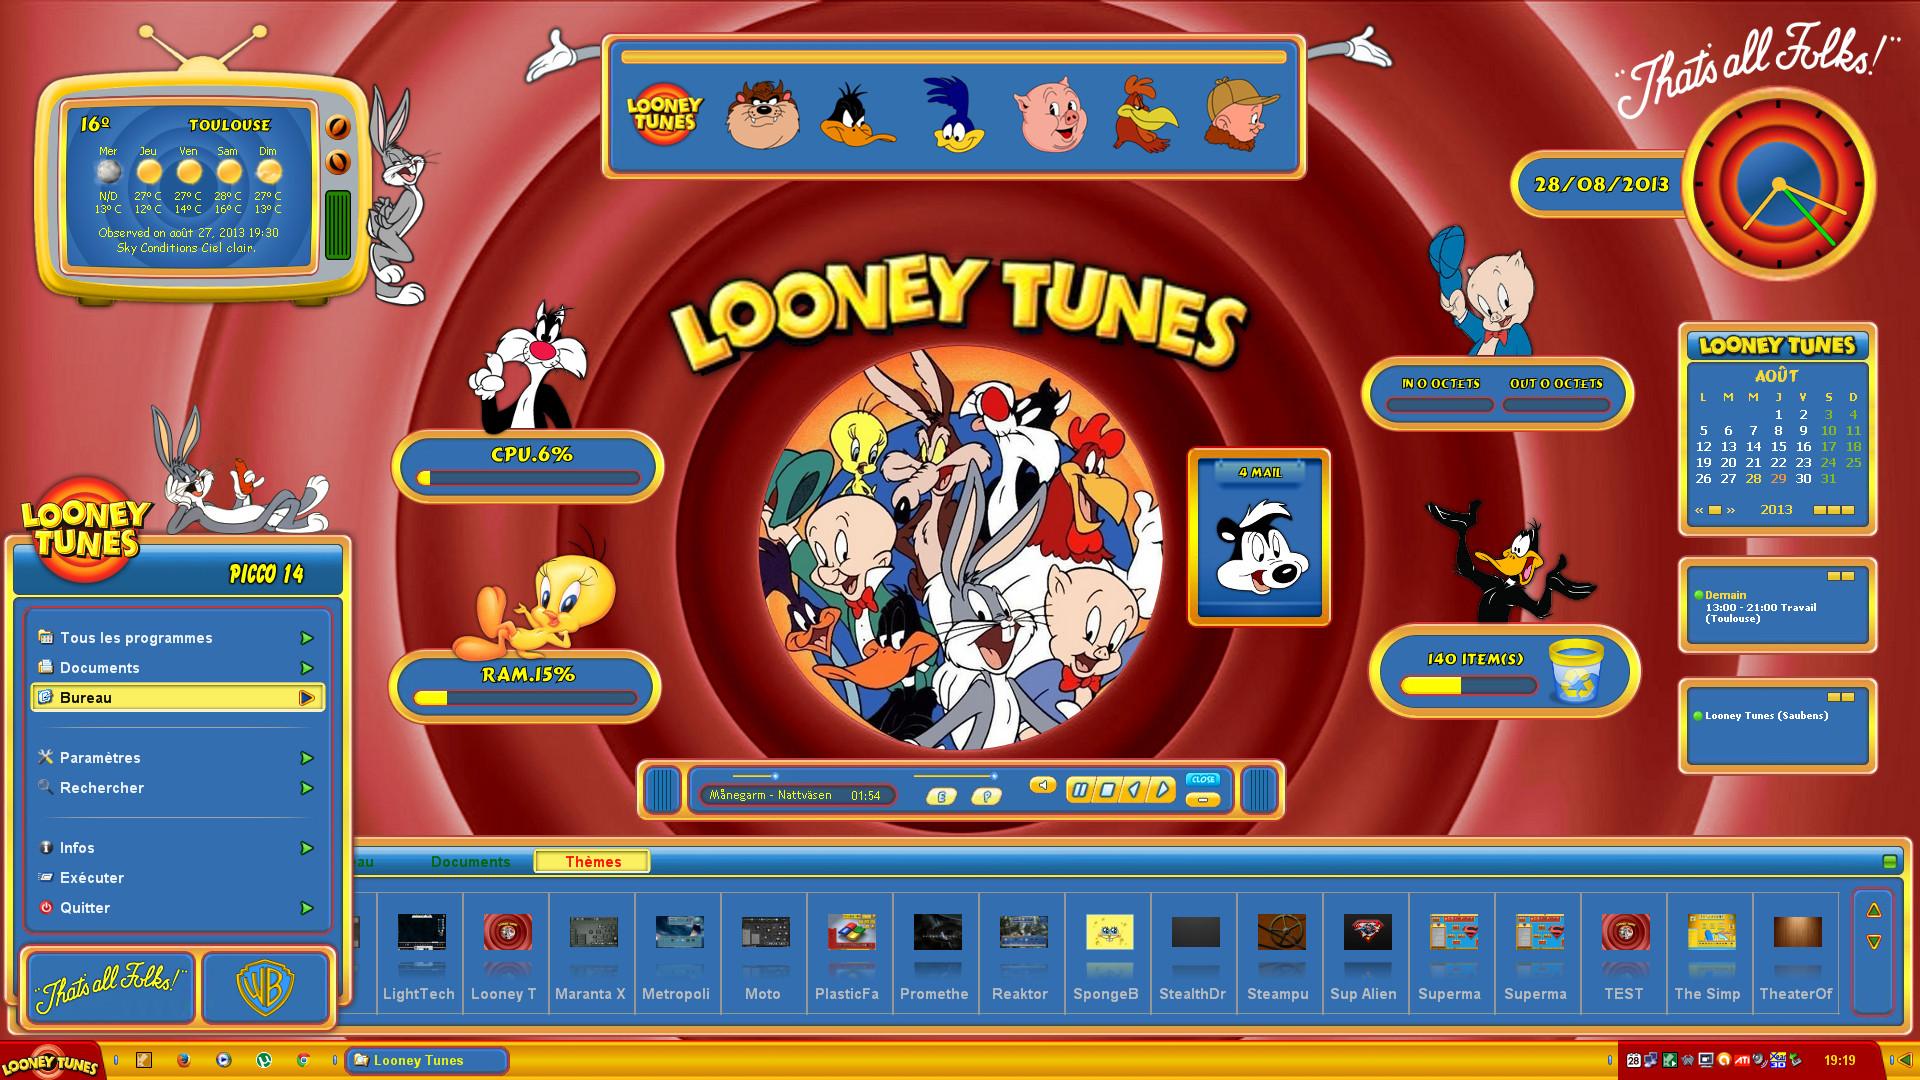 Looney Tunes 0 HTML code